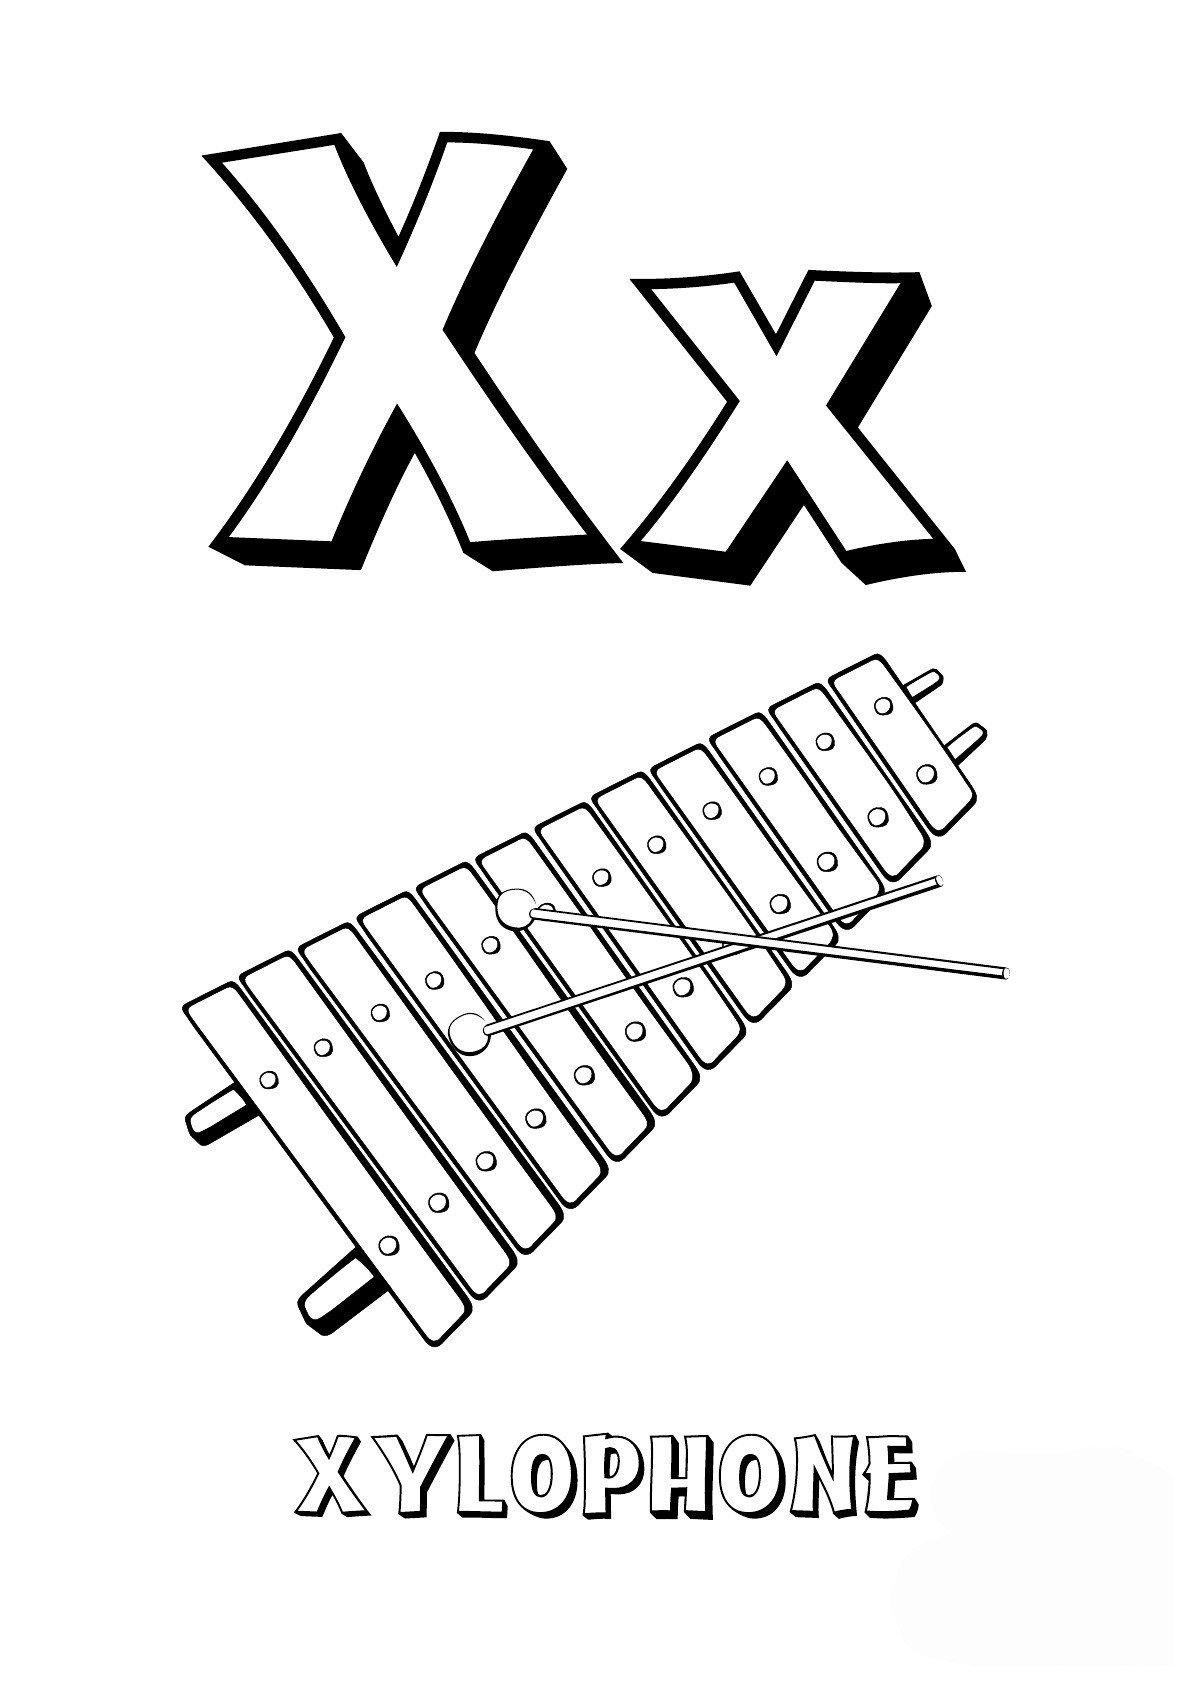 Буква X английского алфавита - Картинка для раскрашивания красками-гуашью